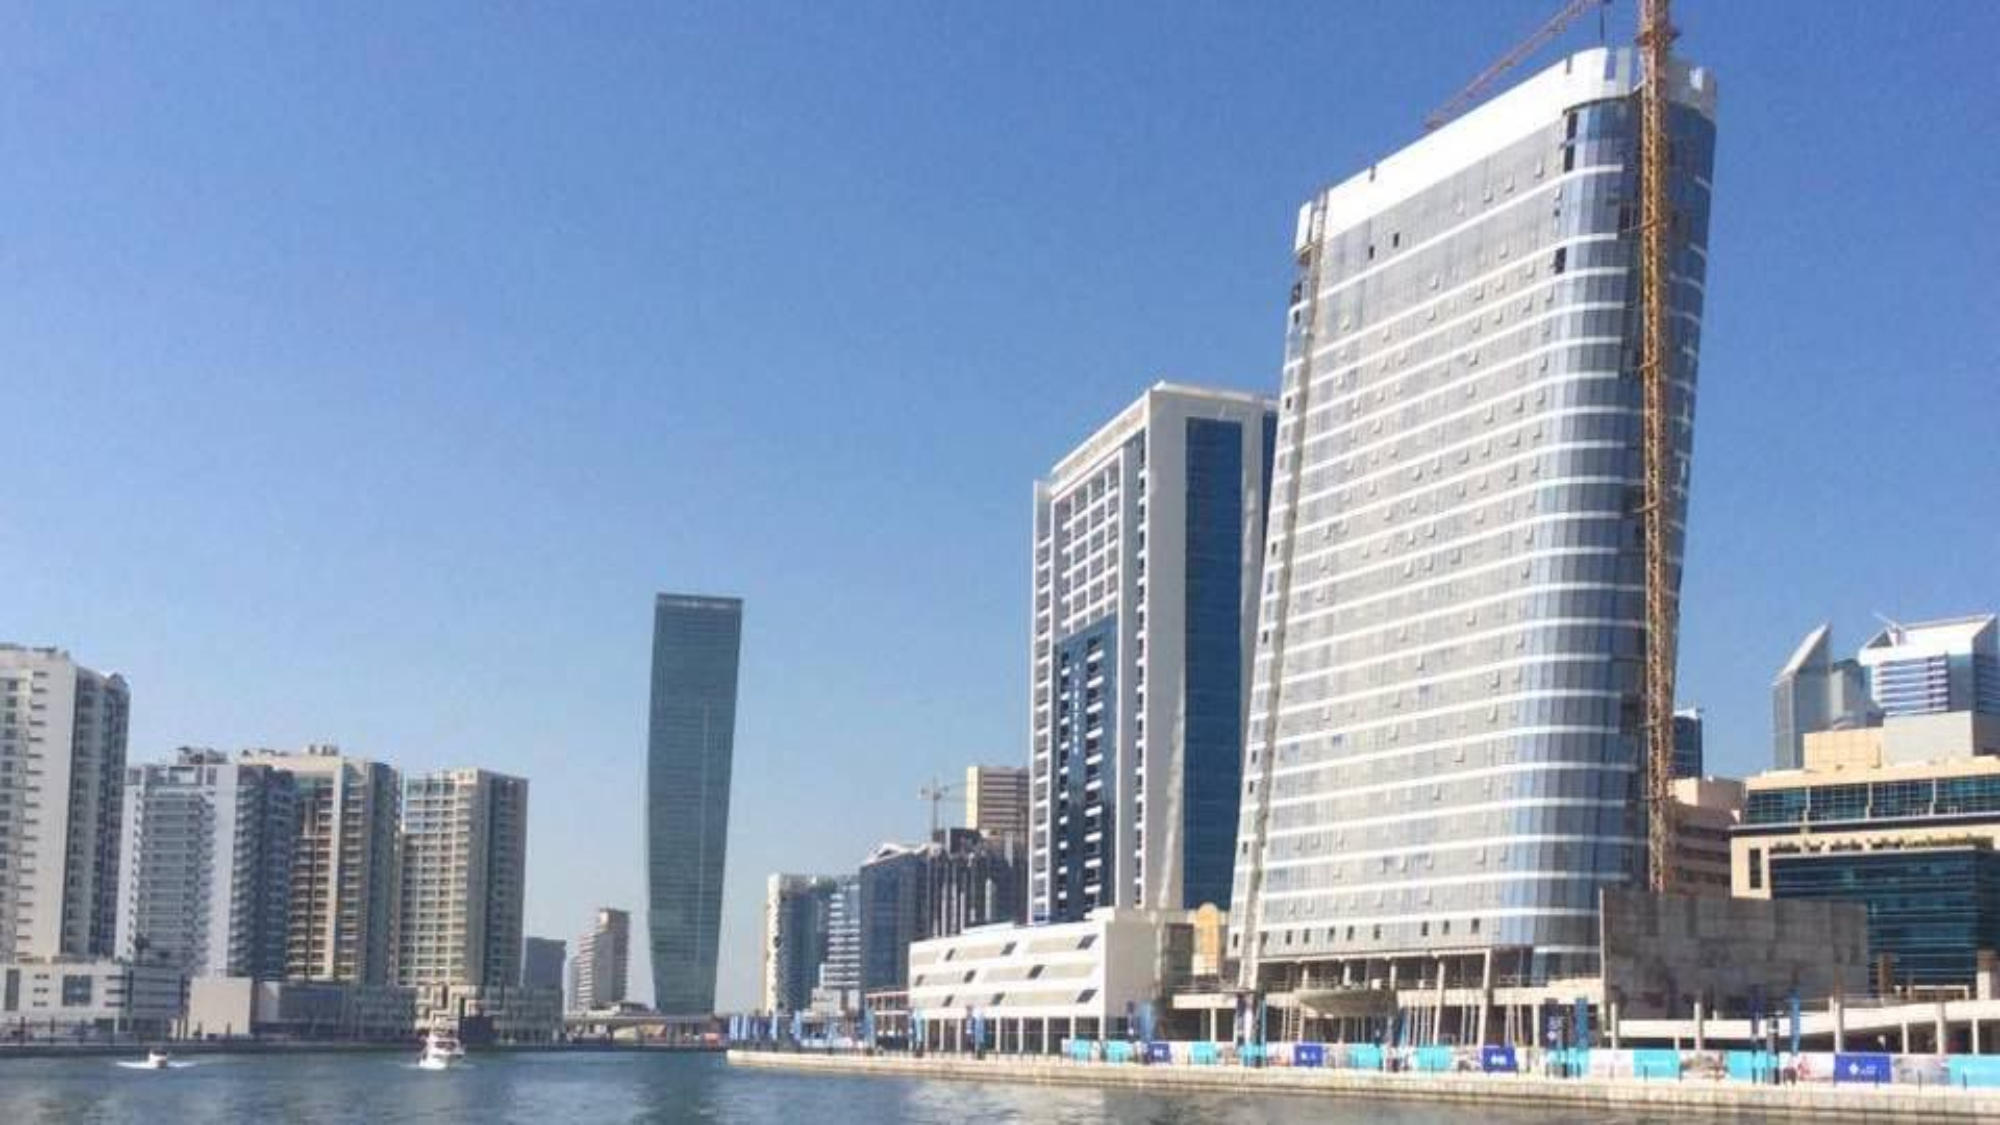 Bygningen «The Pad» i Dubai ferdigstilles i 2018. Arkitekten James Law har latt seg inspirere av Apples Ipod og har stappet bygget fullt av teknologiske løsninger.